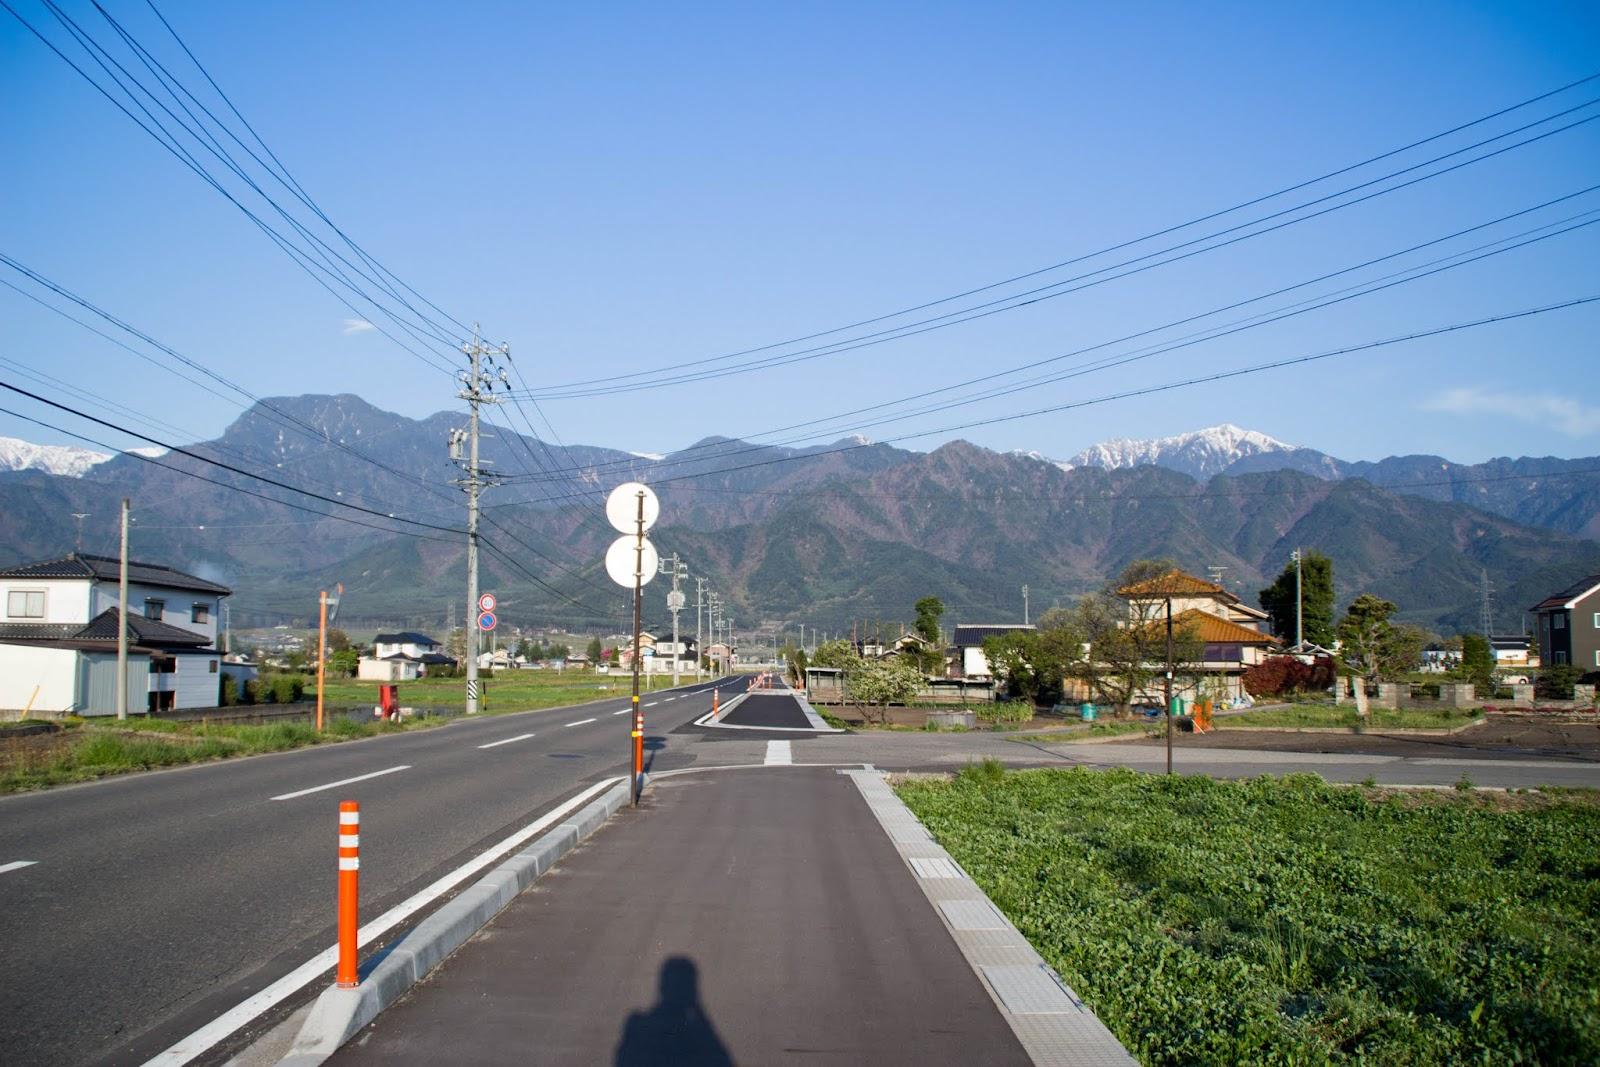 6:18 信濃松川を歩く